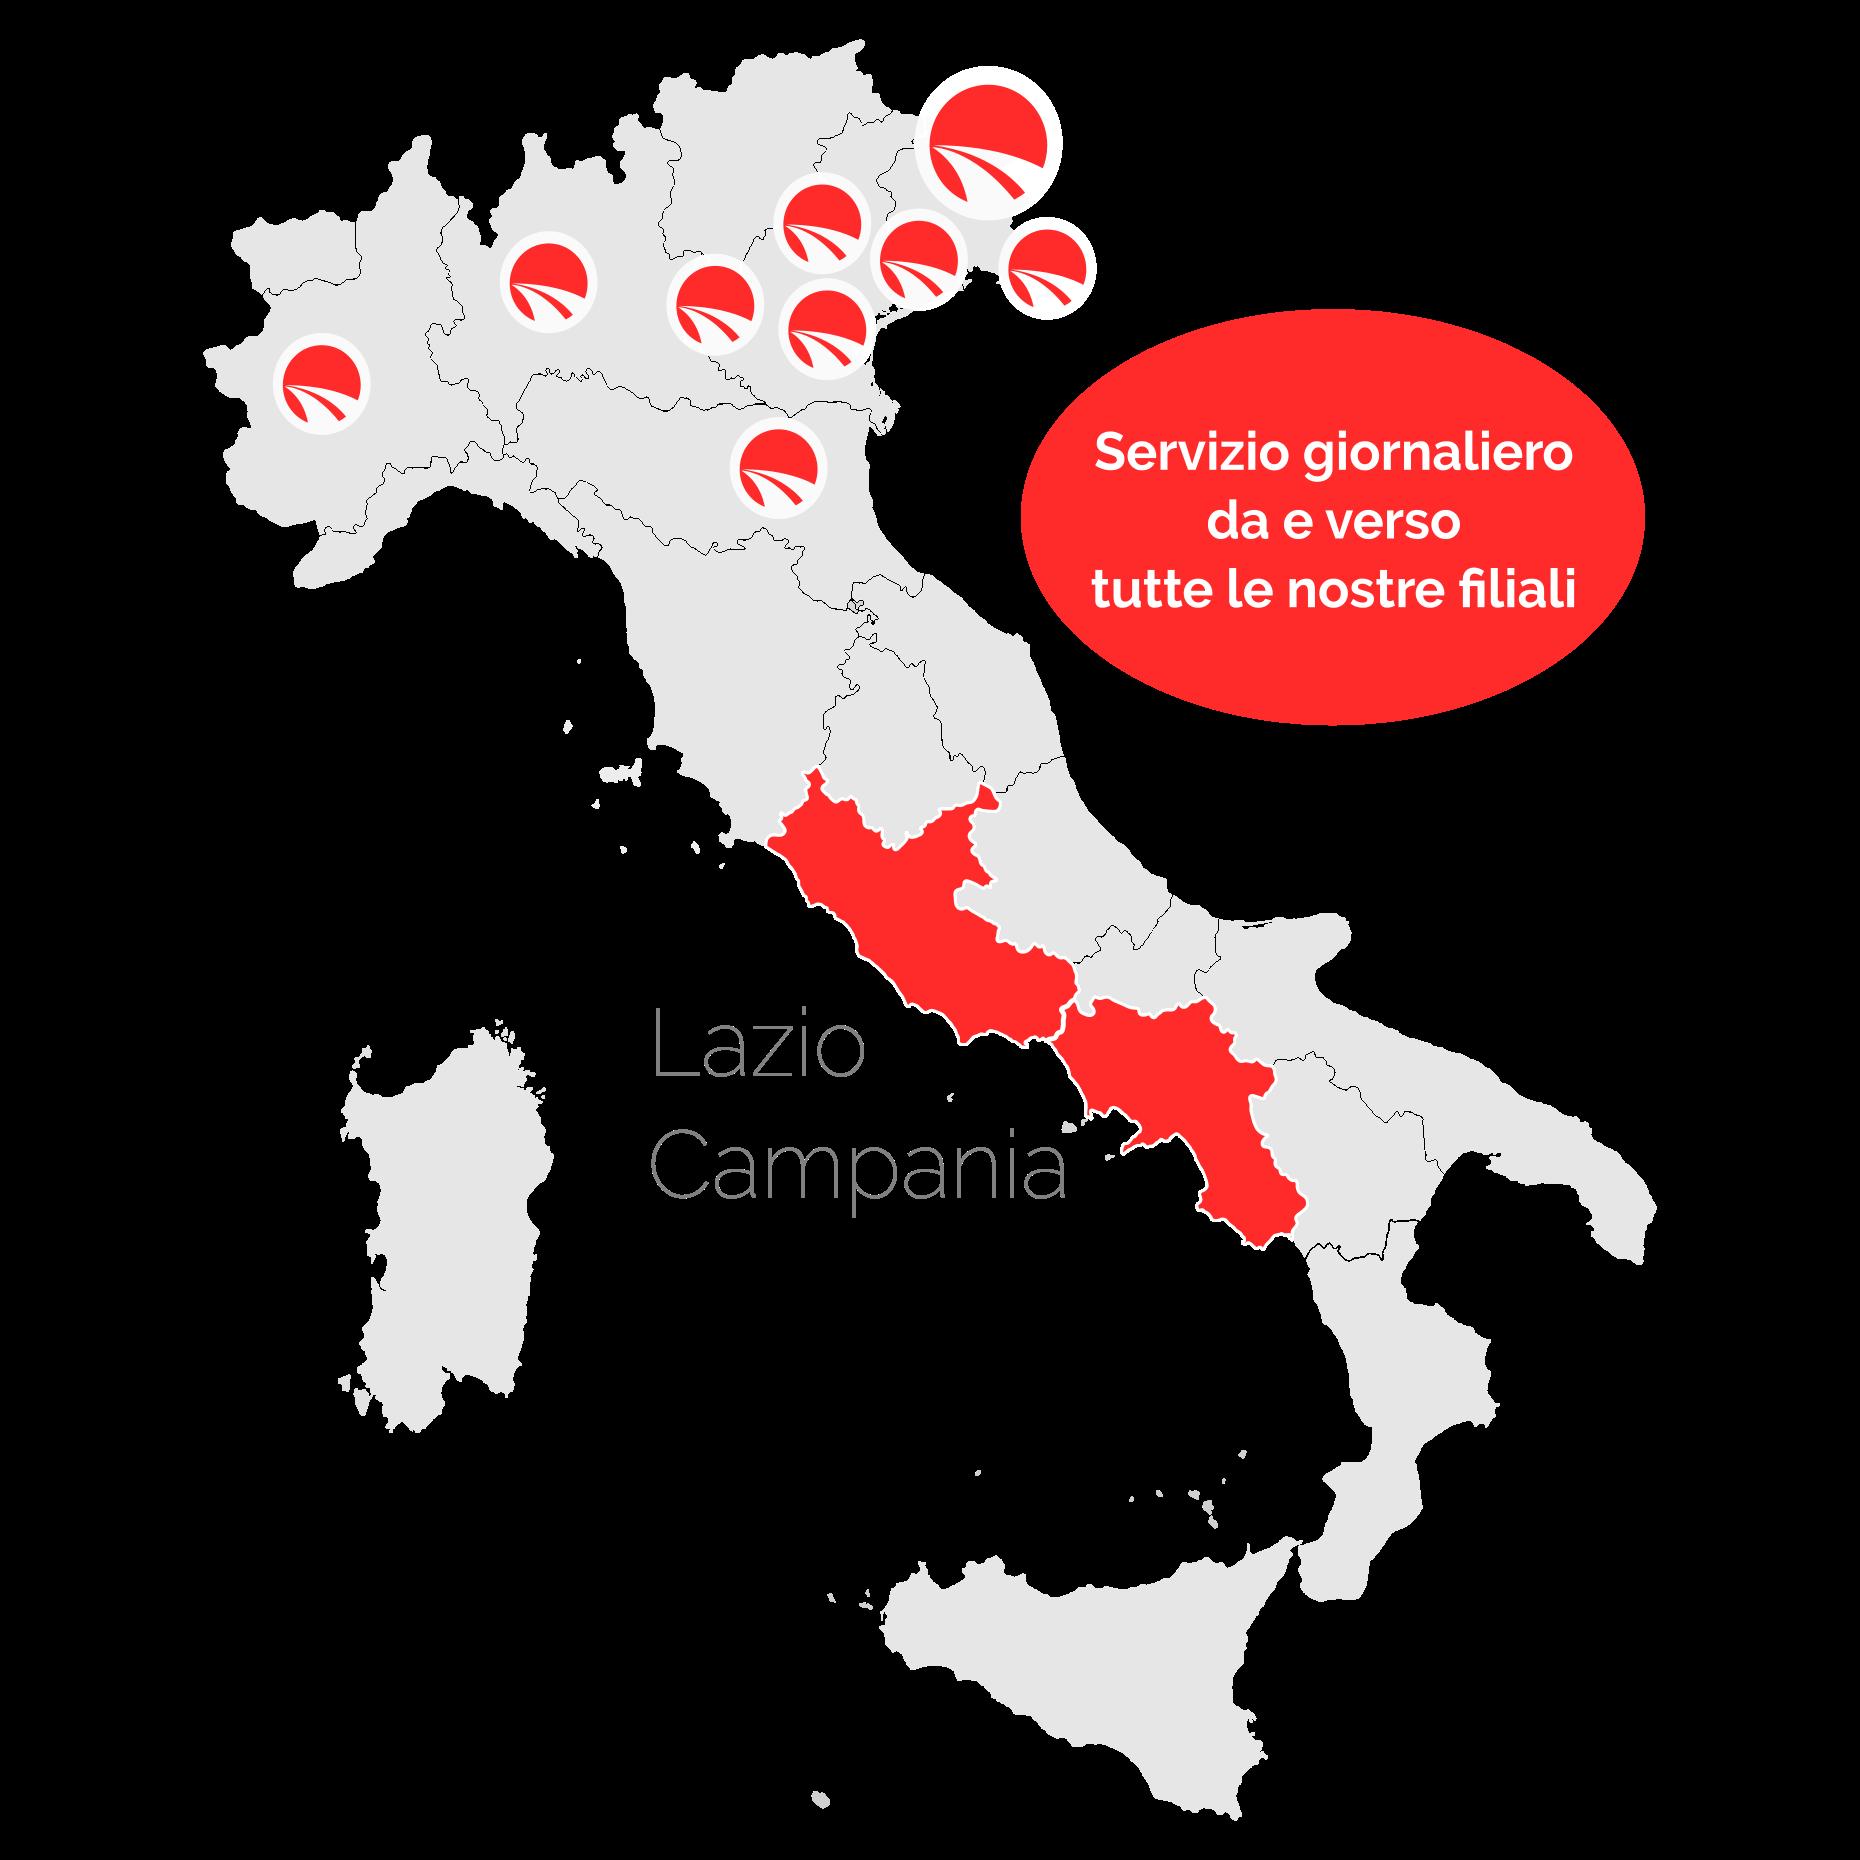 ServizioLazioCampania_box